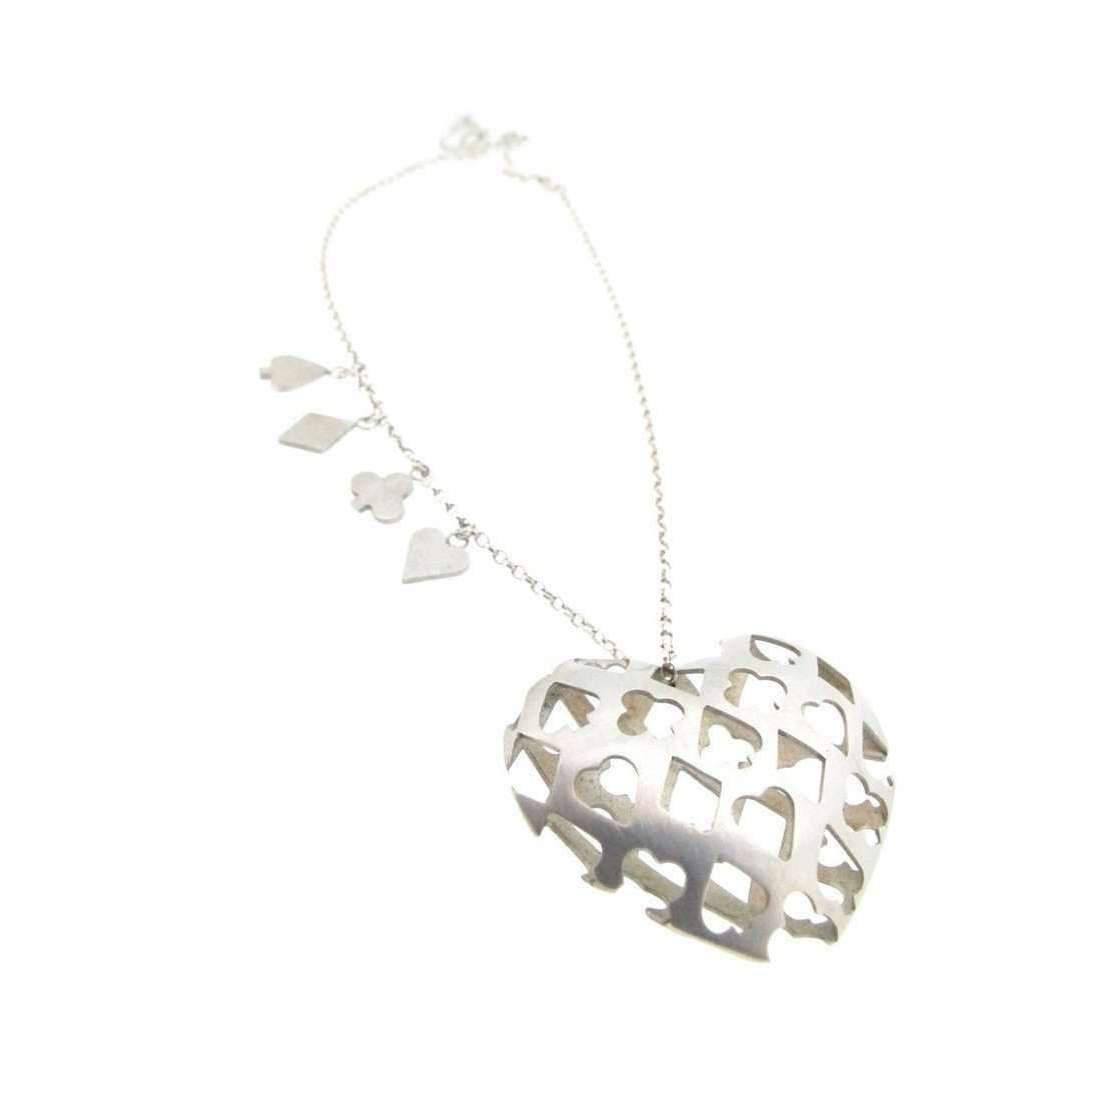 Sian Bostwick Jewellery Wonderland Playing Card Suit Earrings gOE8aWgi